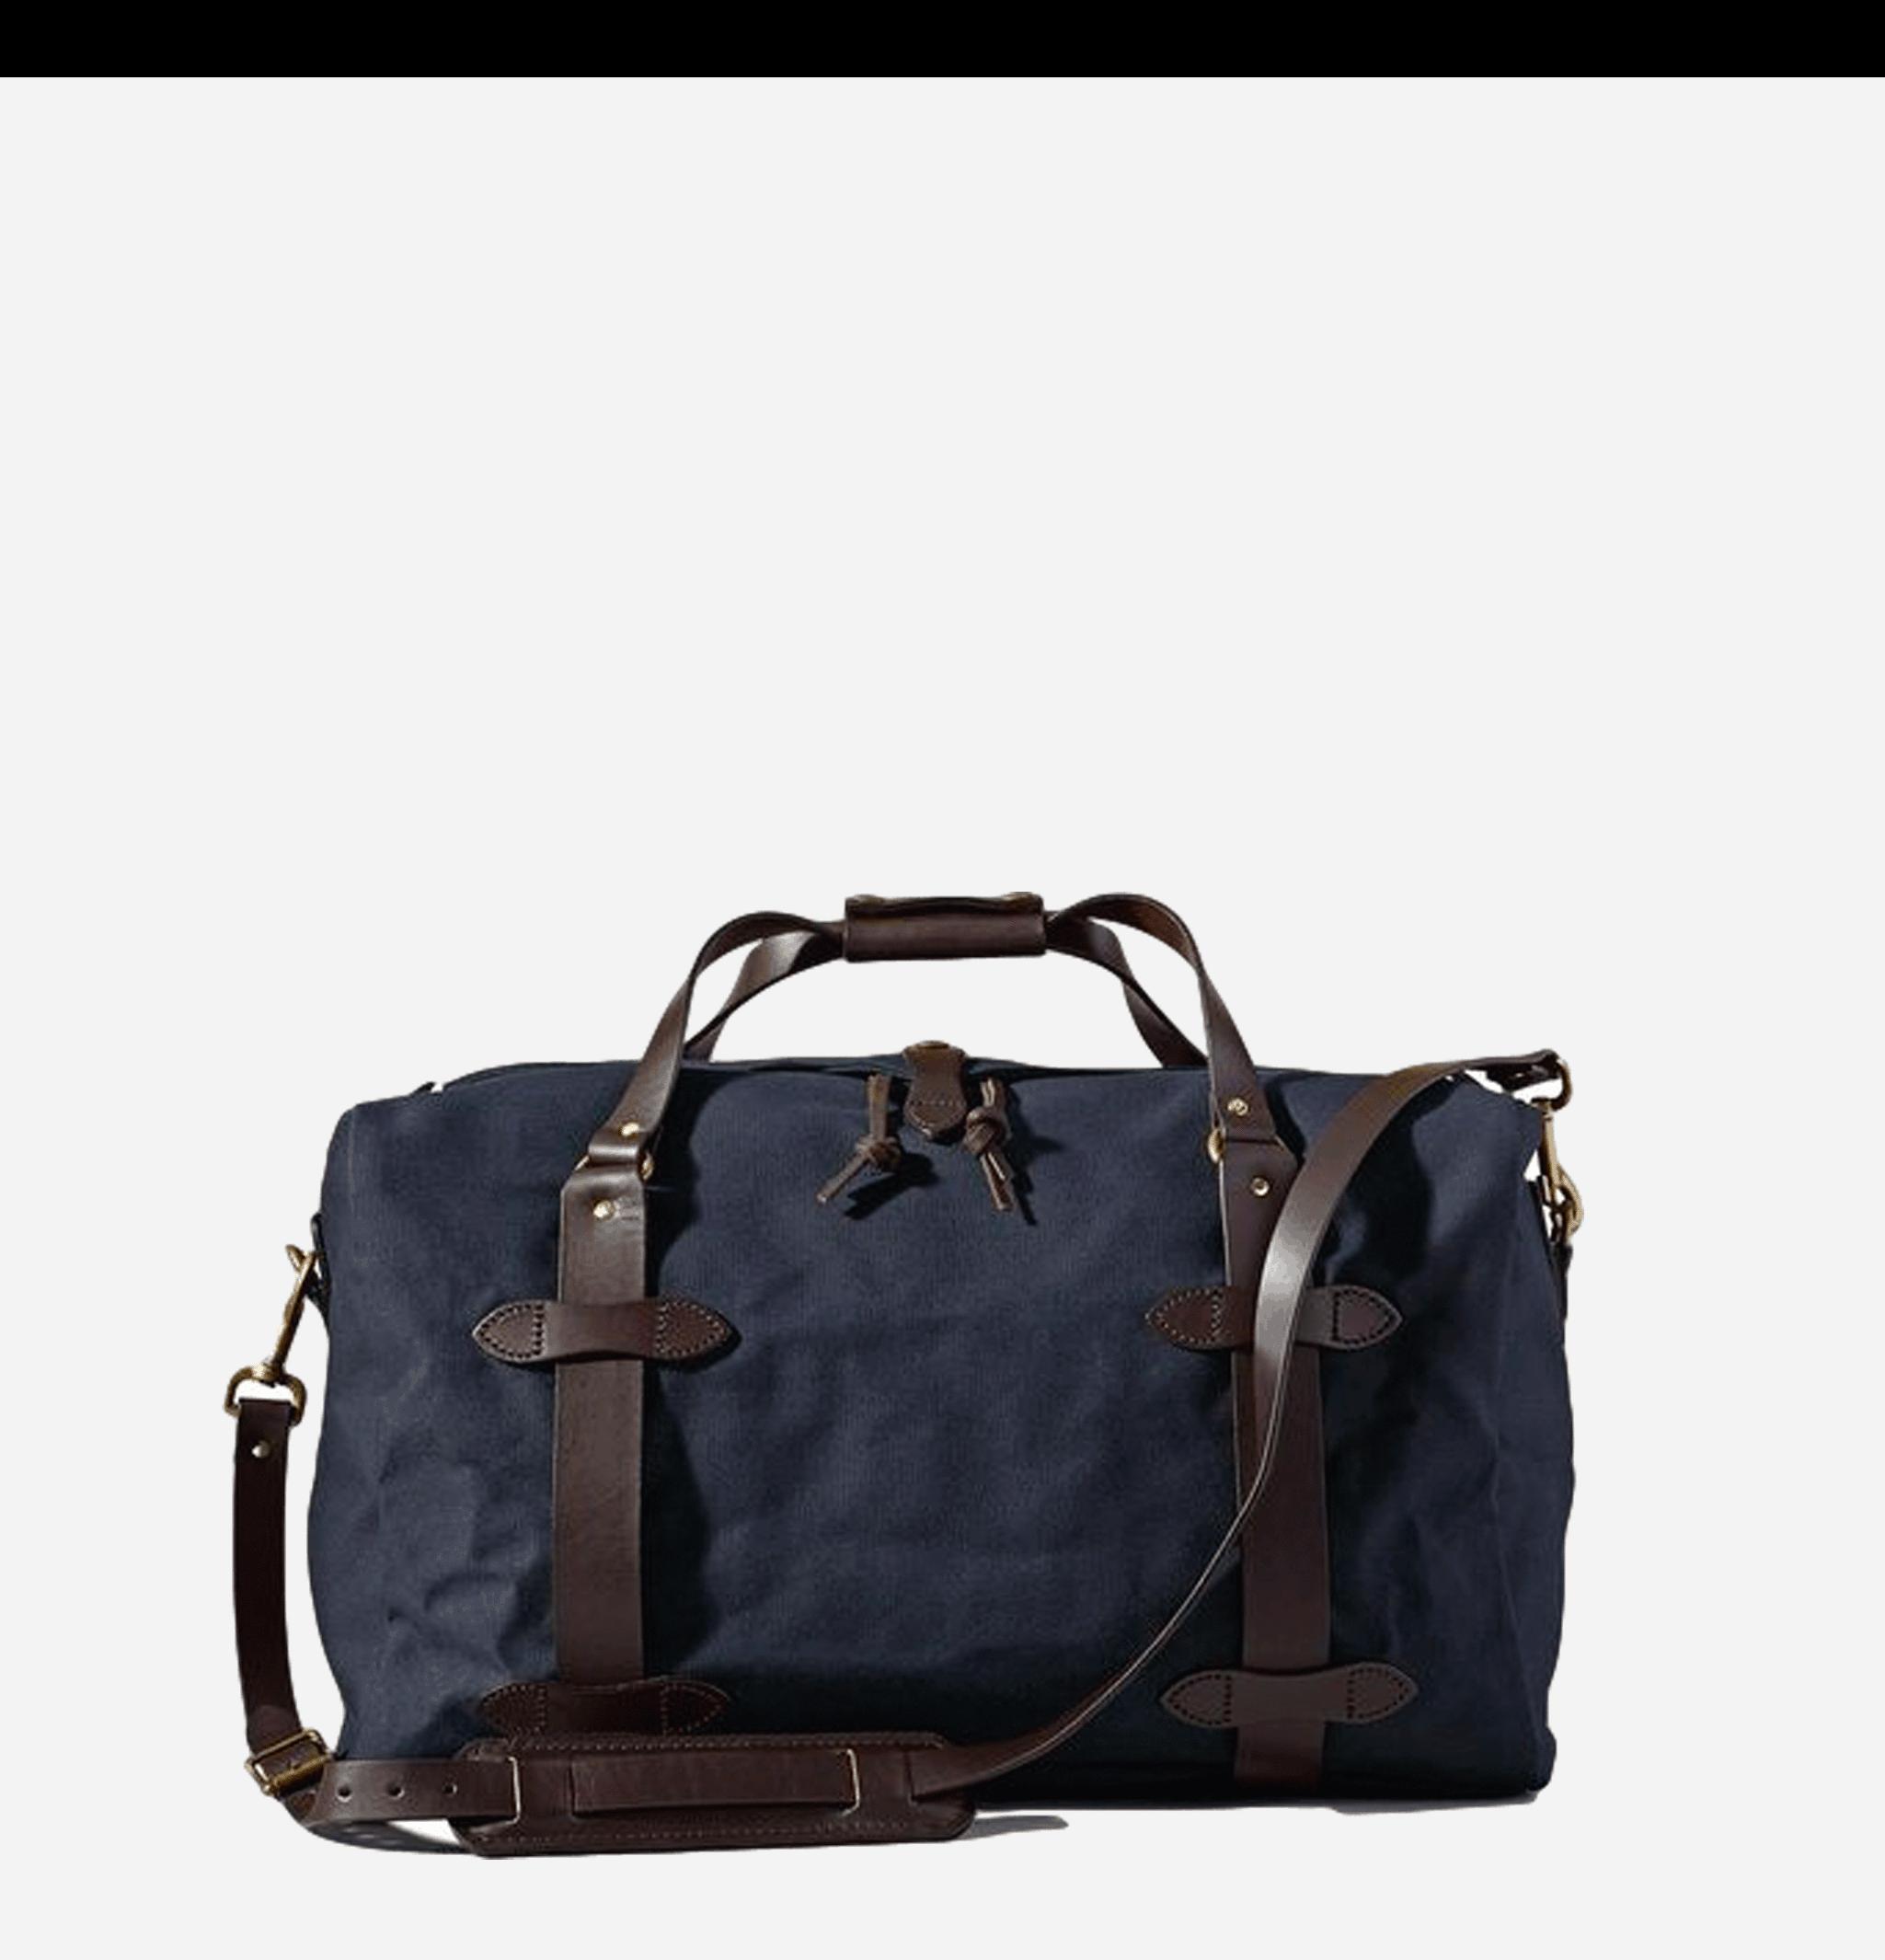 70325 - Medium Duffle Bag Navy